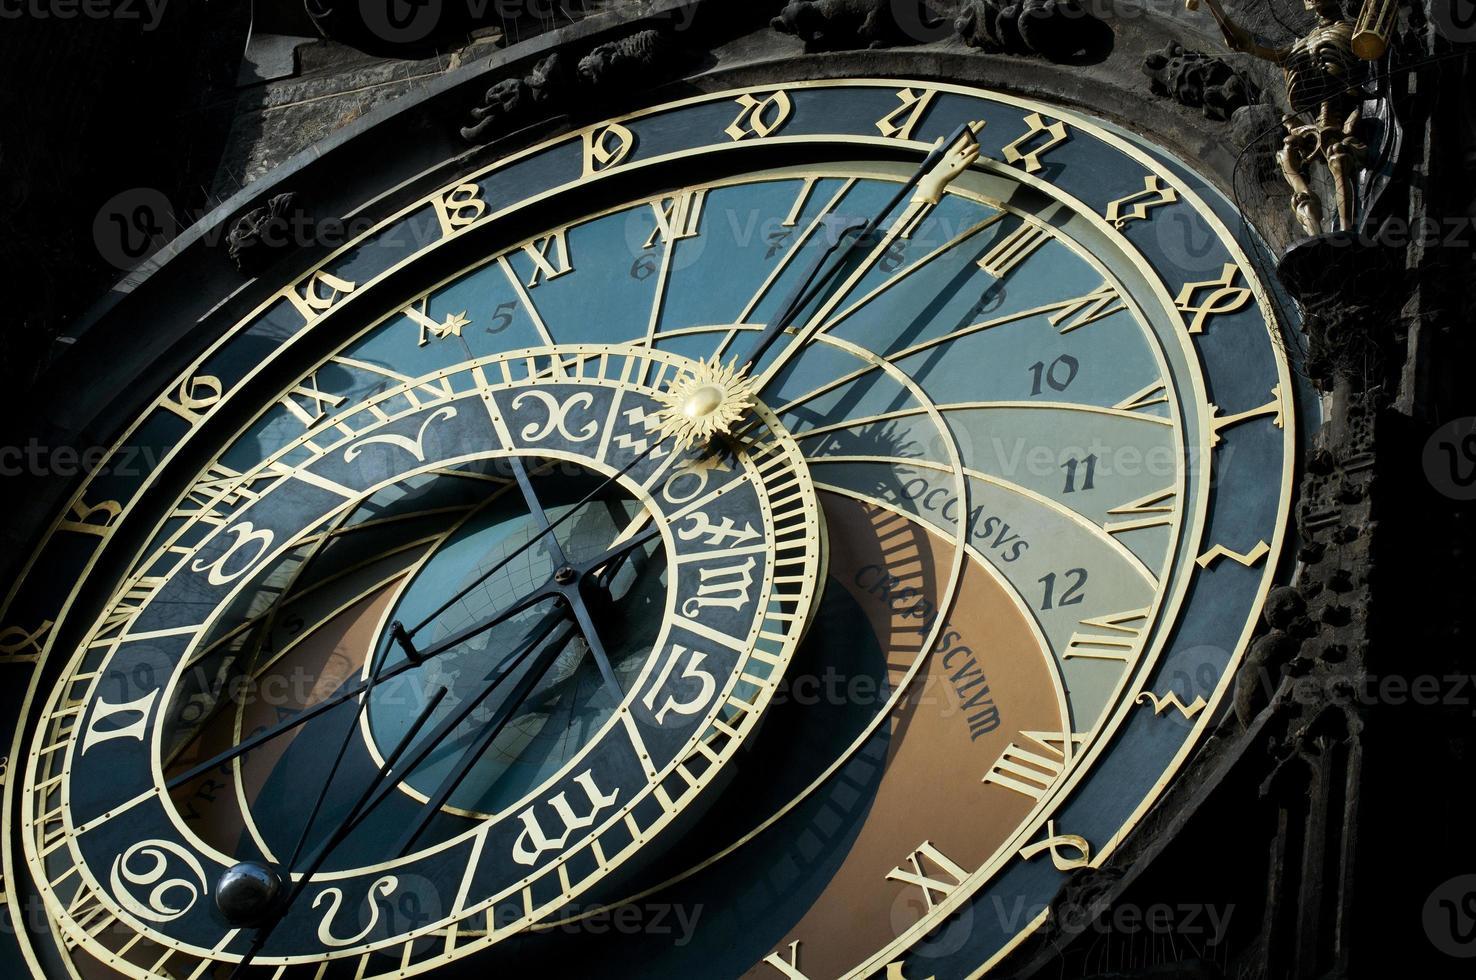 horloge astronomique de la vieille prague. photo